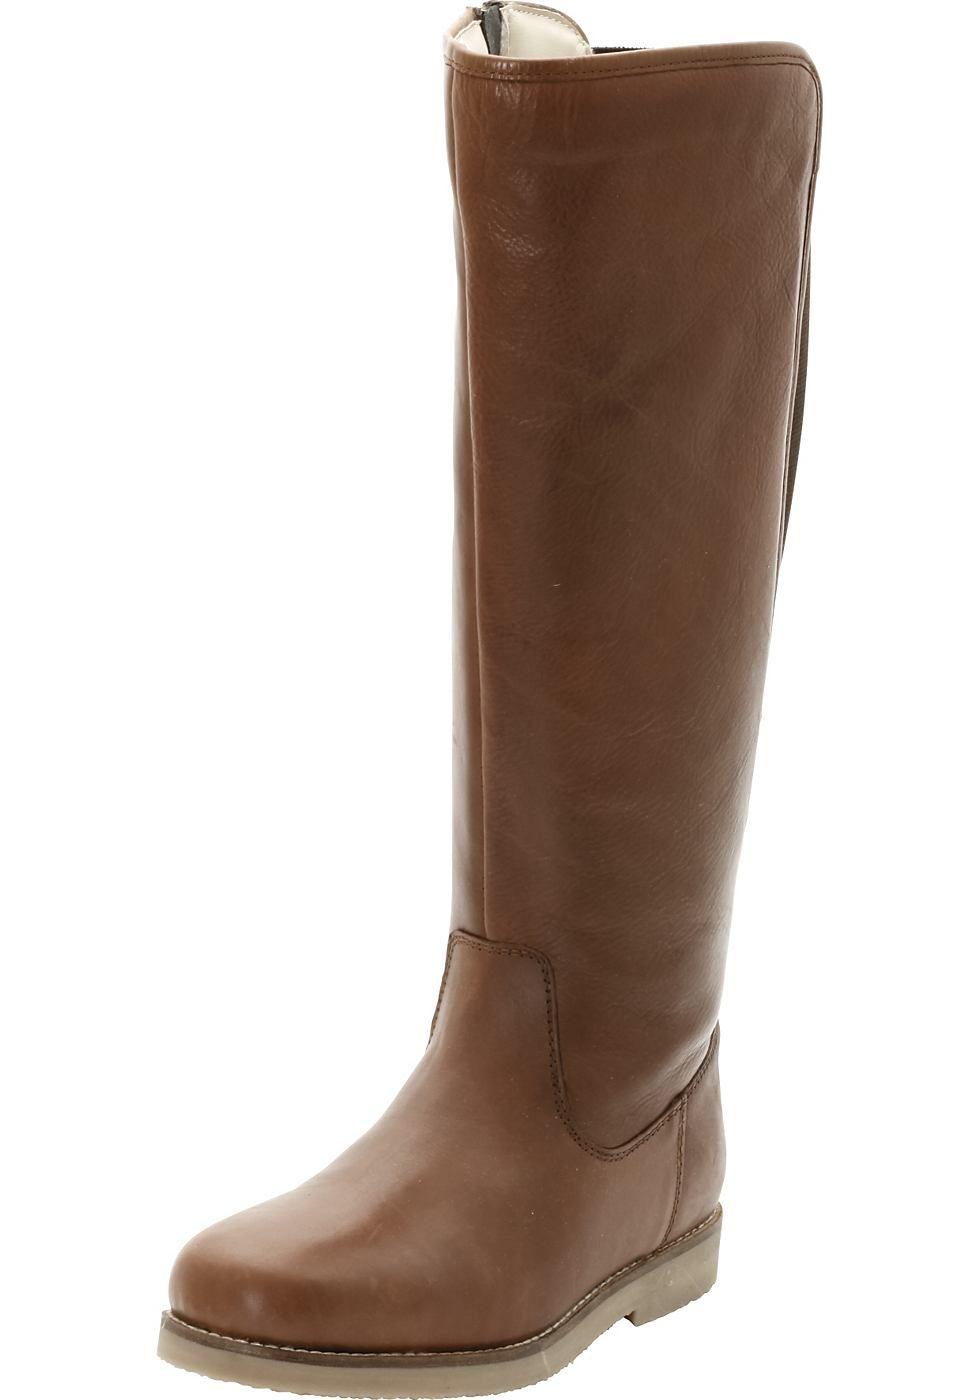 Wonderlijk SHEEGO XL-laarzen met wijde schacht | Laarzen, Dikke kuiten ON-08